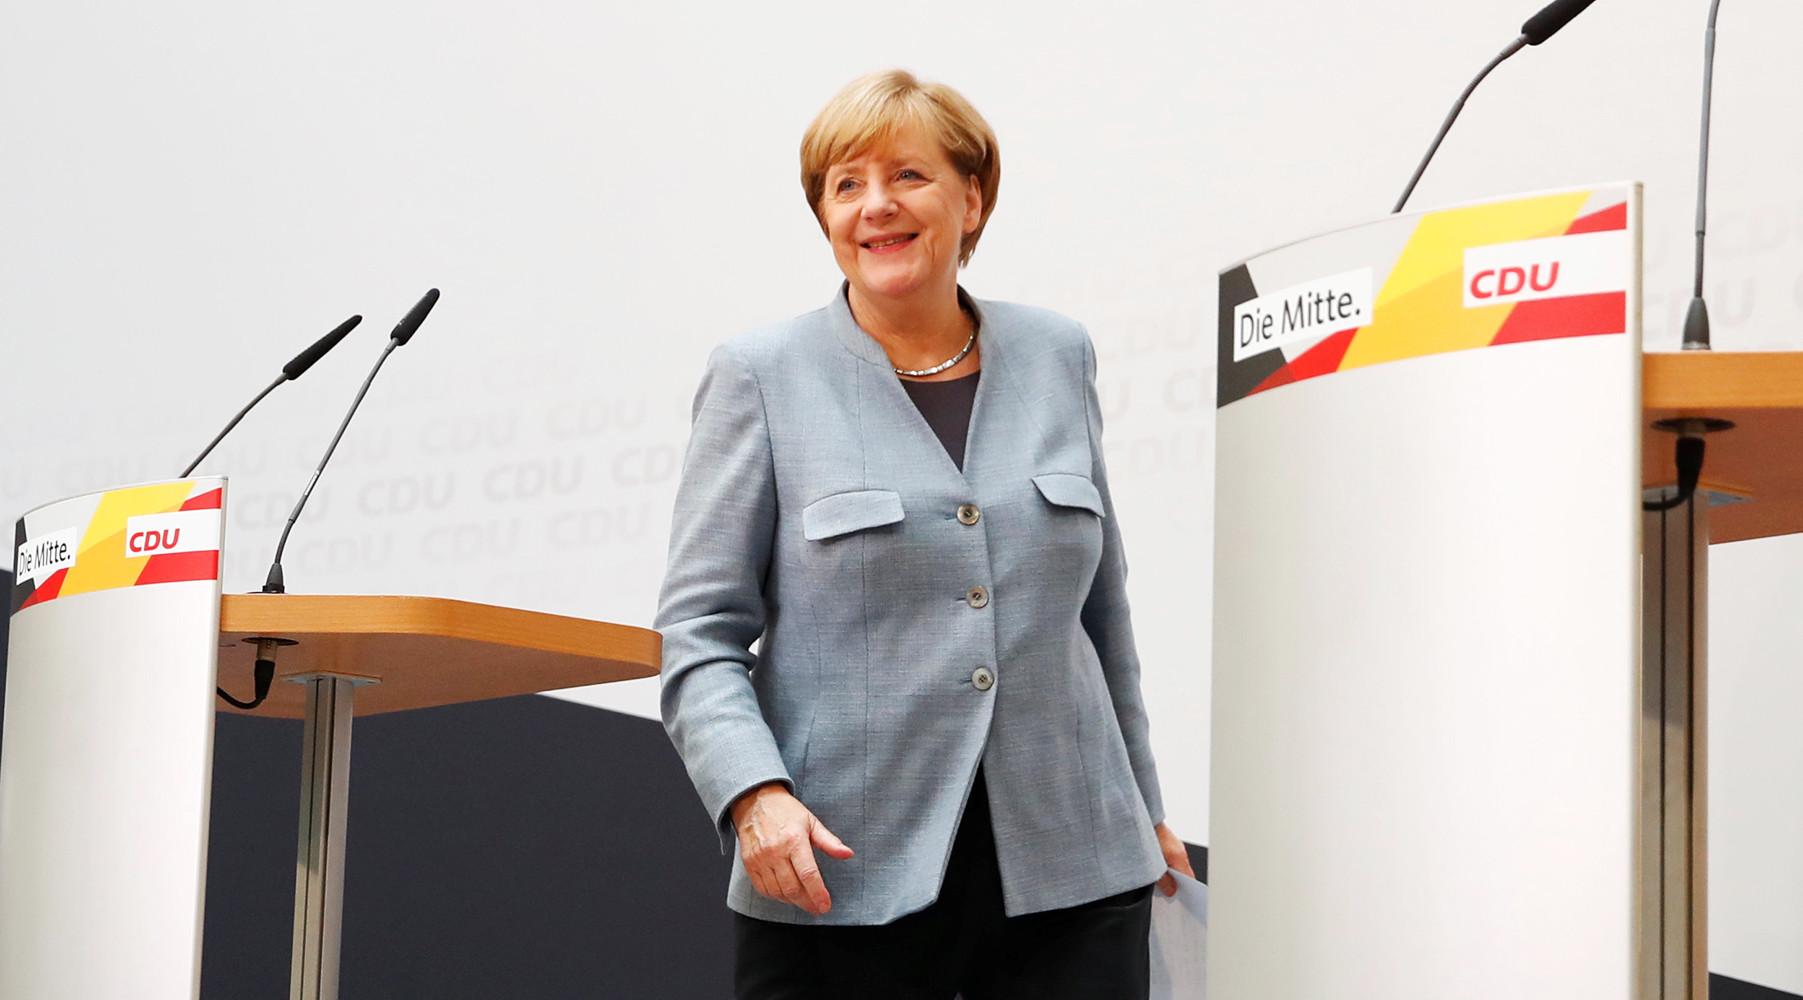 ВАвстрии подытожили досрочных парламентских выборов— Триумфатор Курц